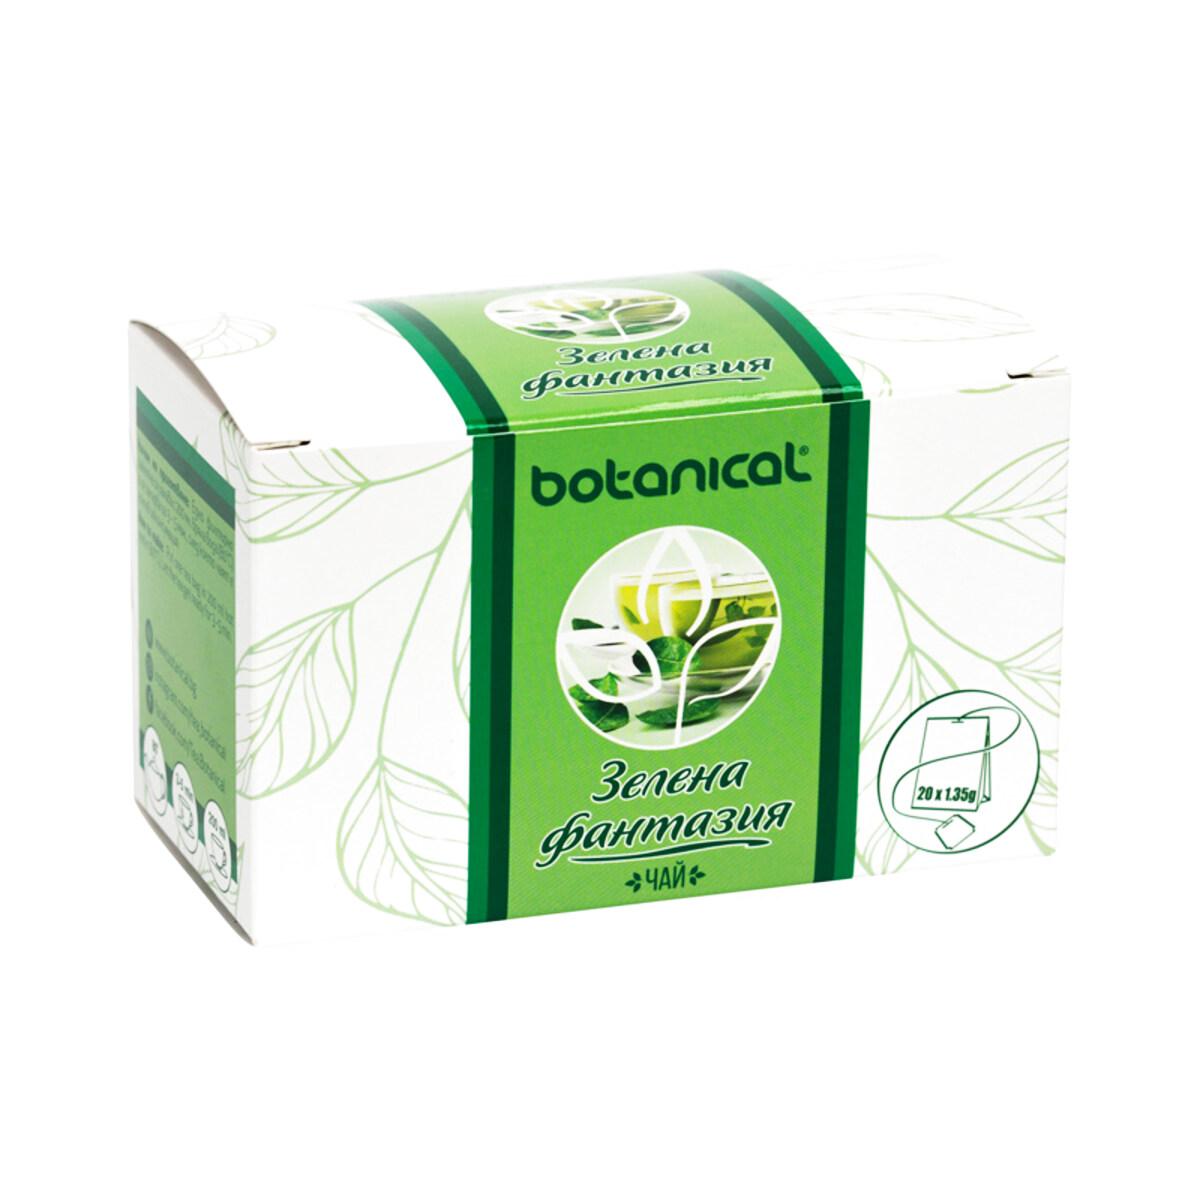 Seria Botanical Fantezie verde  ceai la plicuri